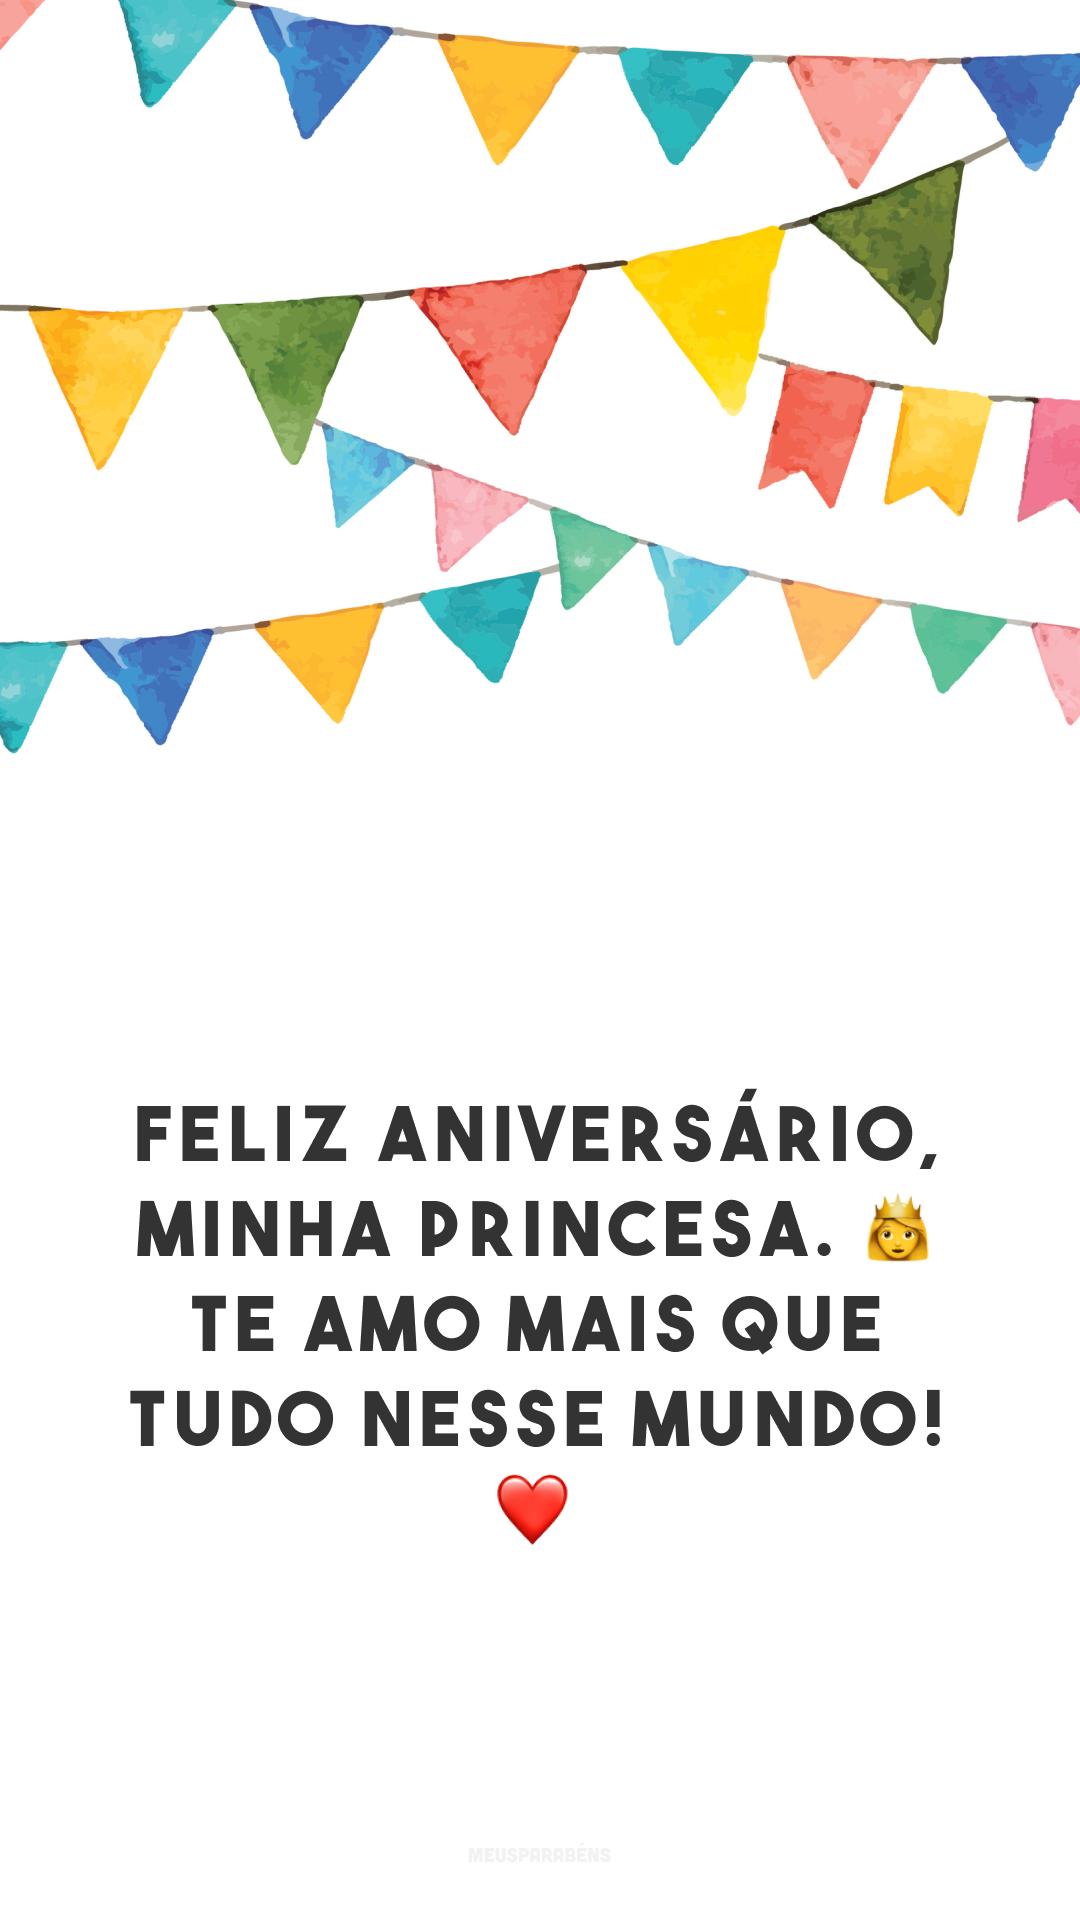 Feliz aniversário, minha princesa. 👧 Te amo mais que tudo nesse mundo! ❤️